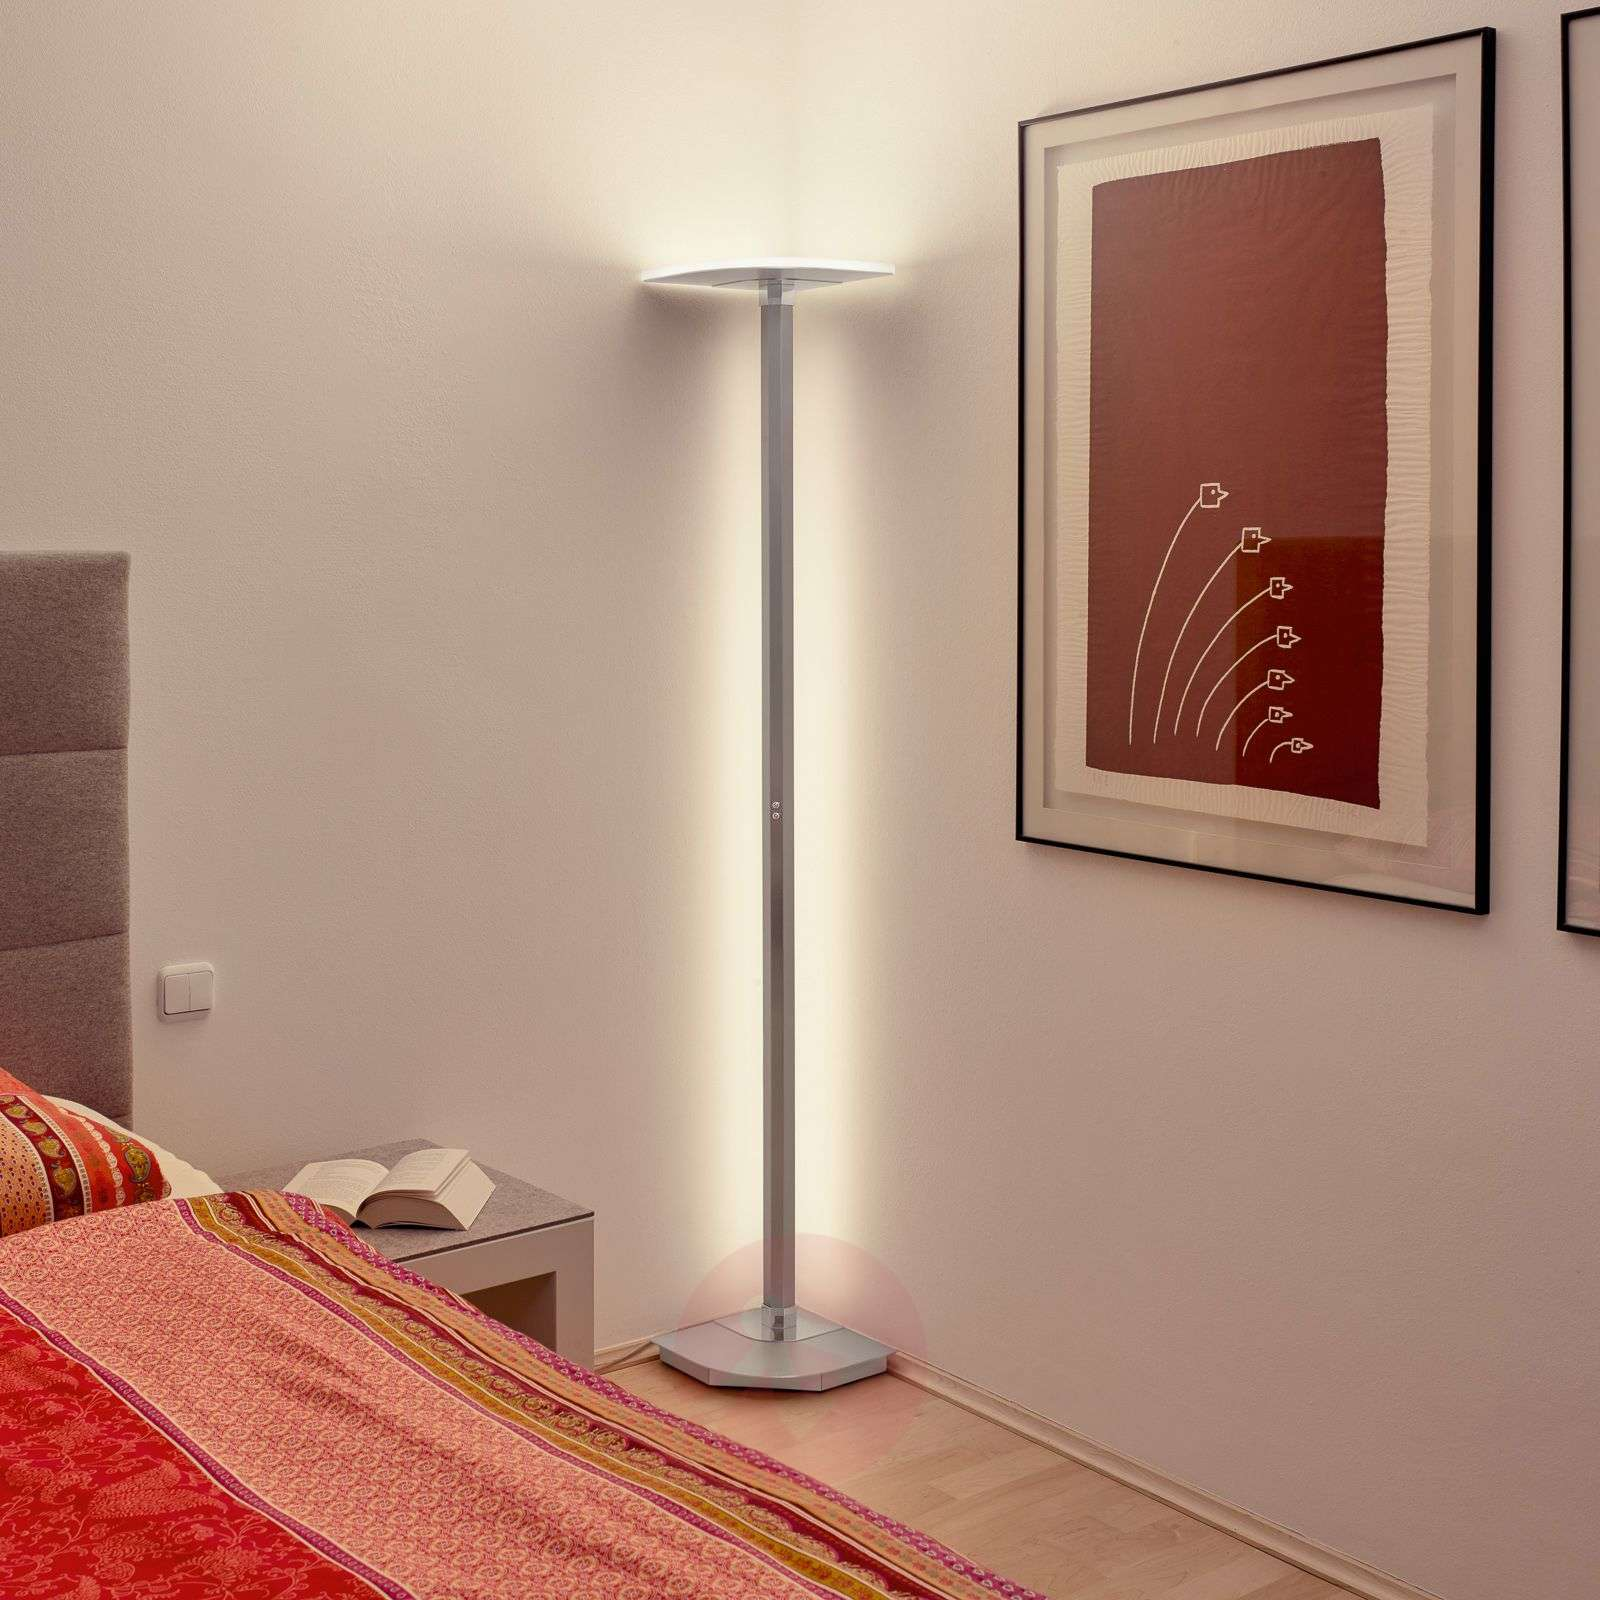 BANKAMP Enzo LED floor lamp, ZigBee-compatible-1572001-01